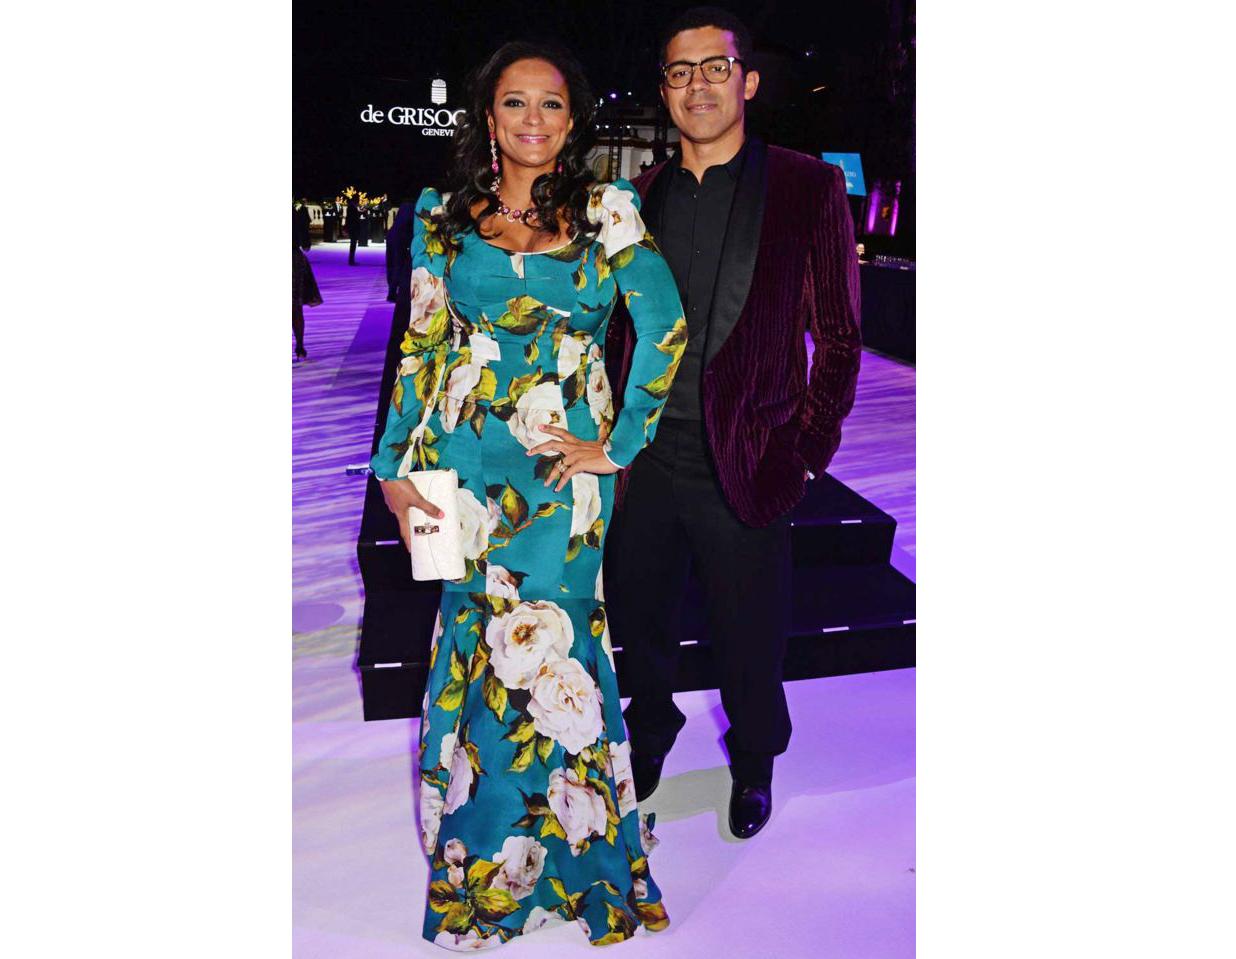 Isabel dos Santos và chồng Sindika Dokolo thường xuất hiện tại các buổi chiếu ra mắt phim và liên hoan phim bên cạnh các ngôi sao thế giới – Ảnh: Getty Images